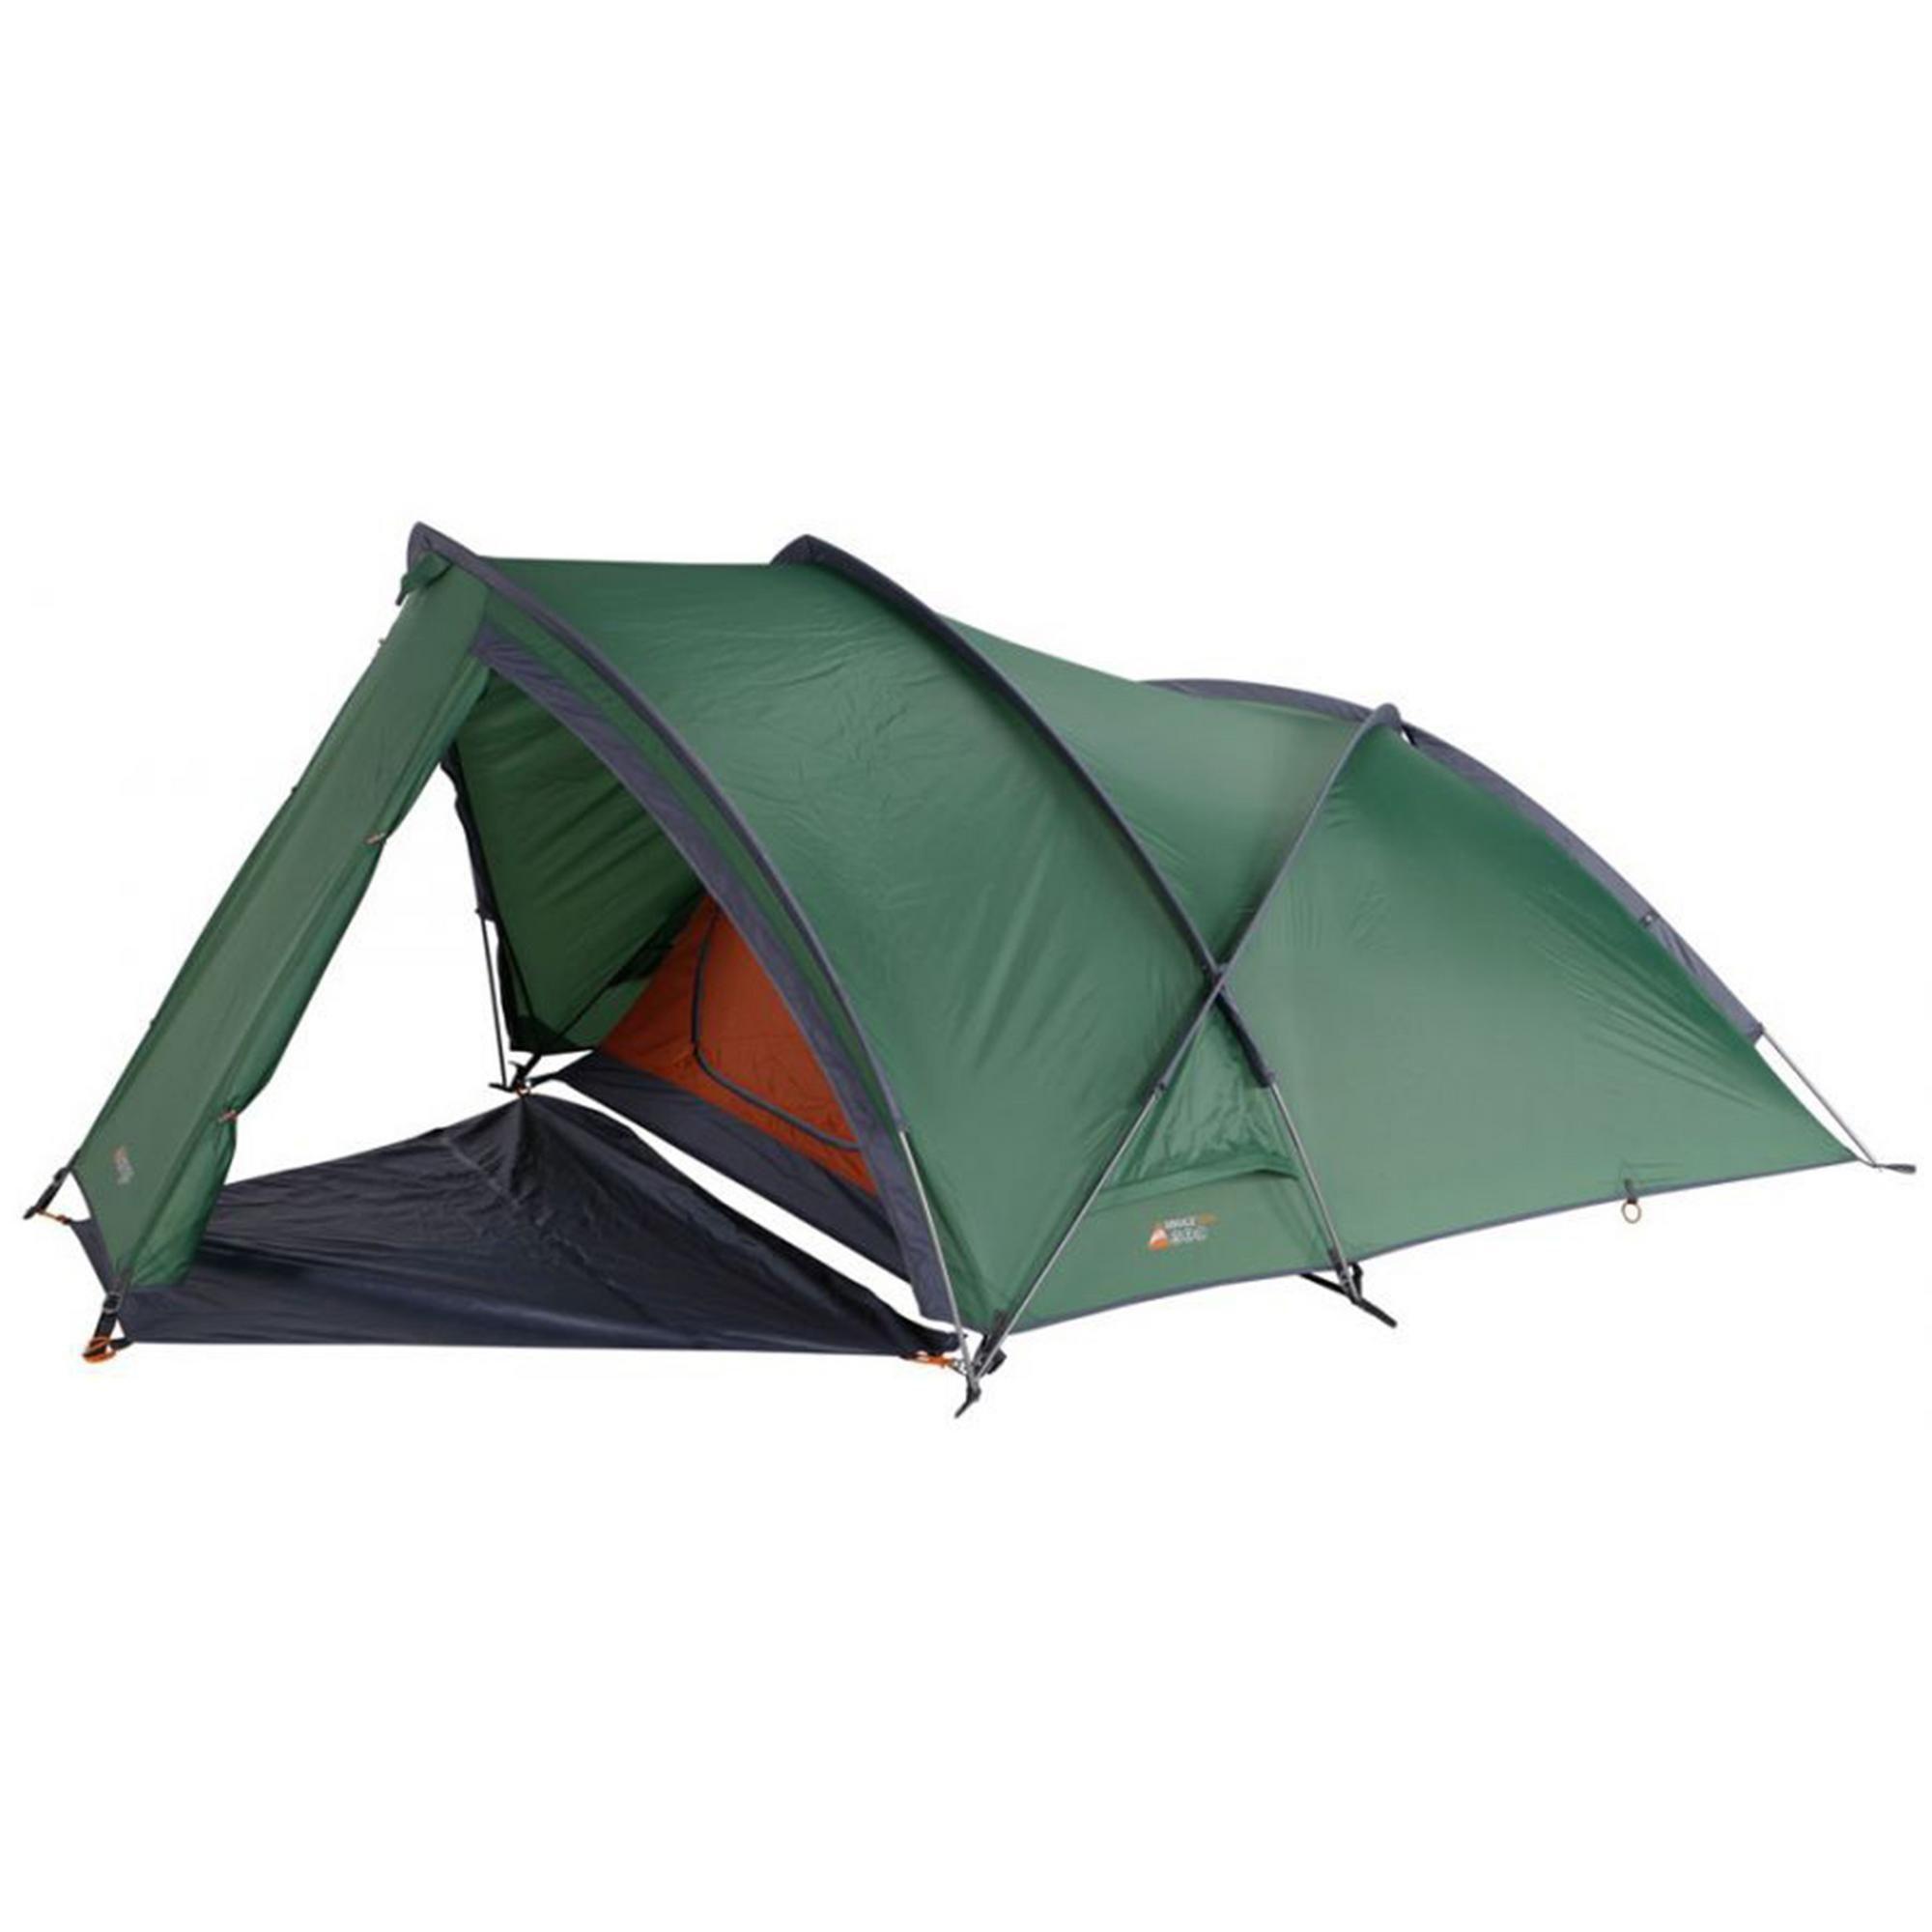 Mirage 300 Plus 3 Man Technical Tent  sc 1 st  Pinterest & Mirage 300 Plus 3 Man Technical Tent | Bushcraft Backpacking ...